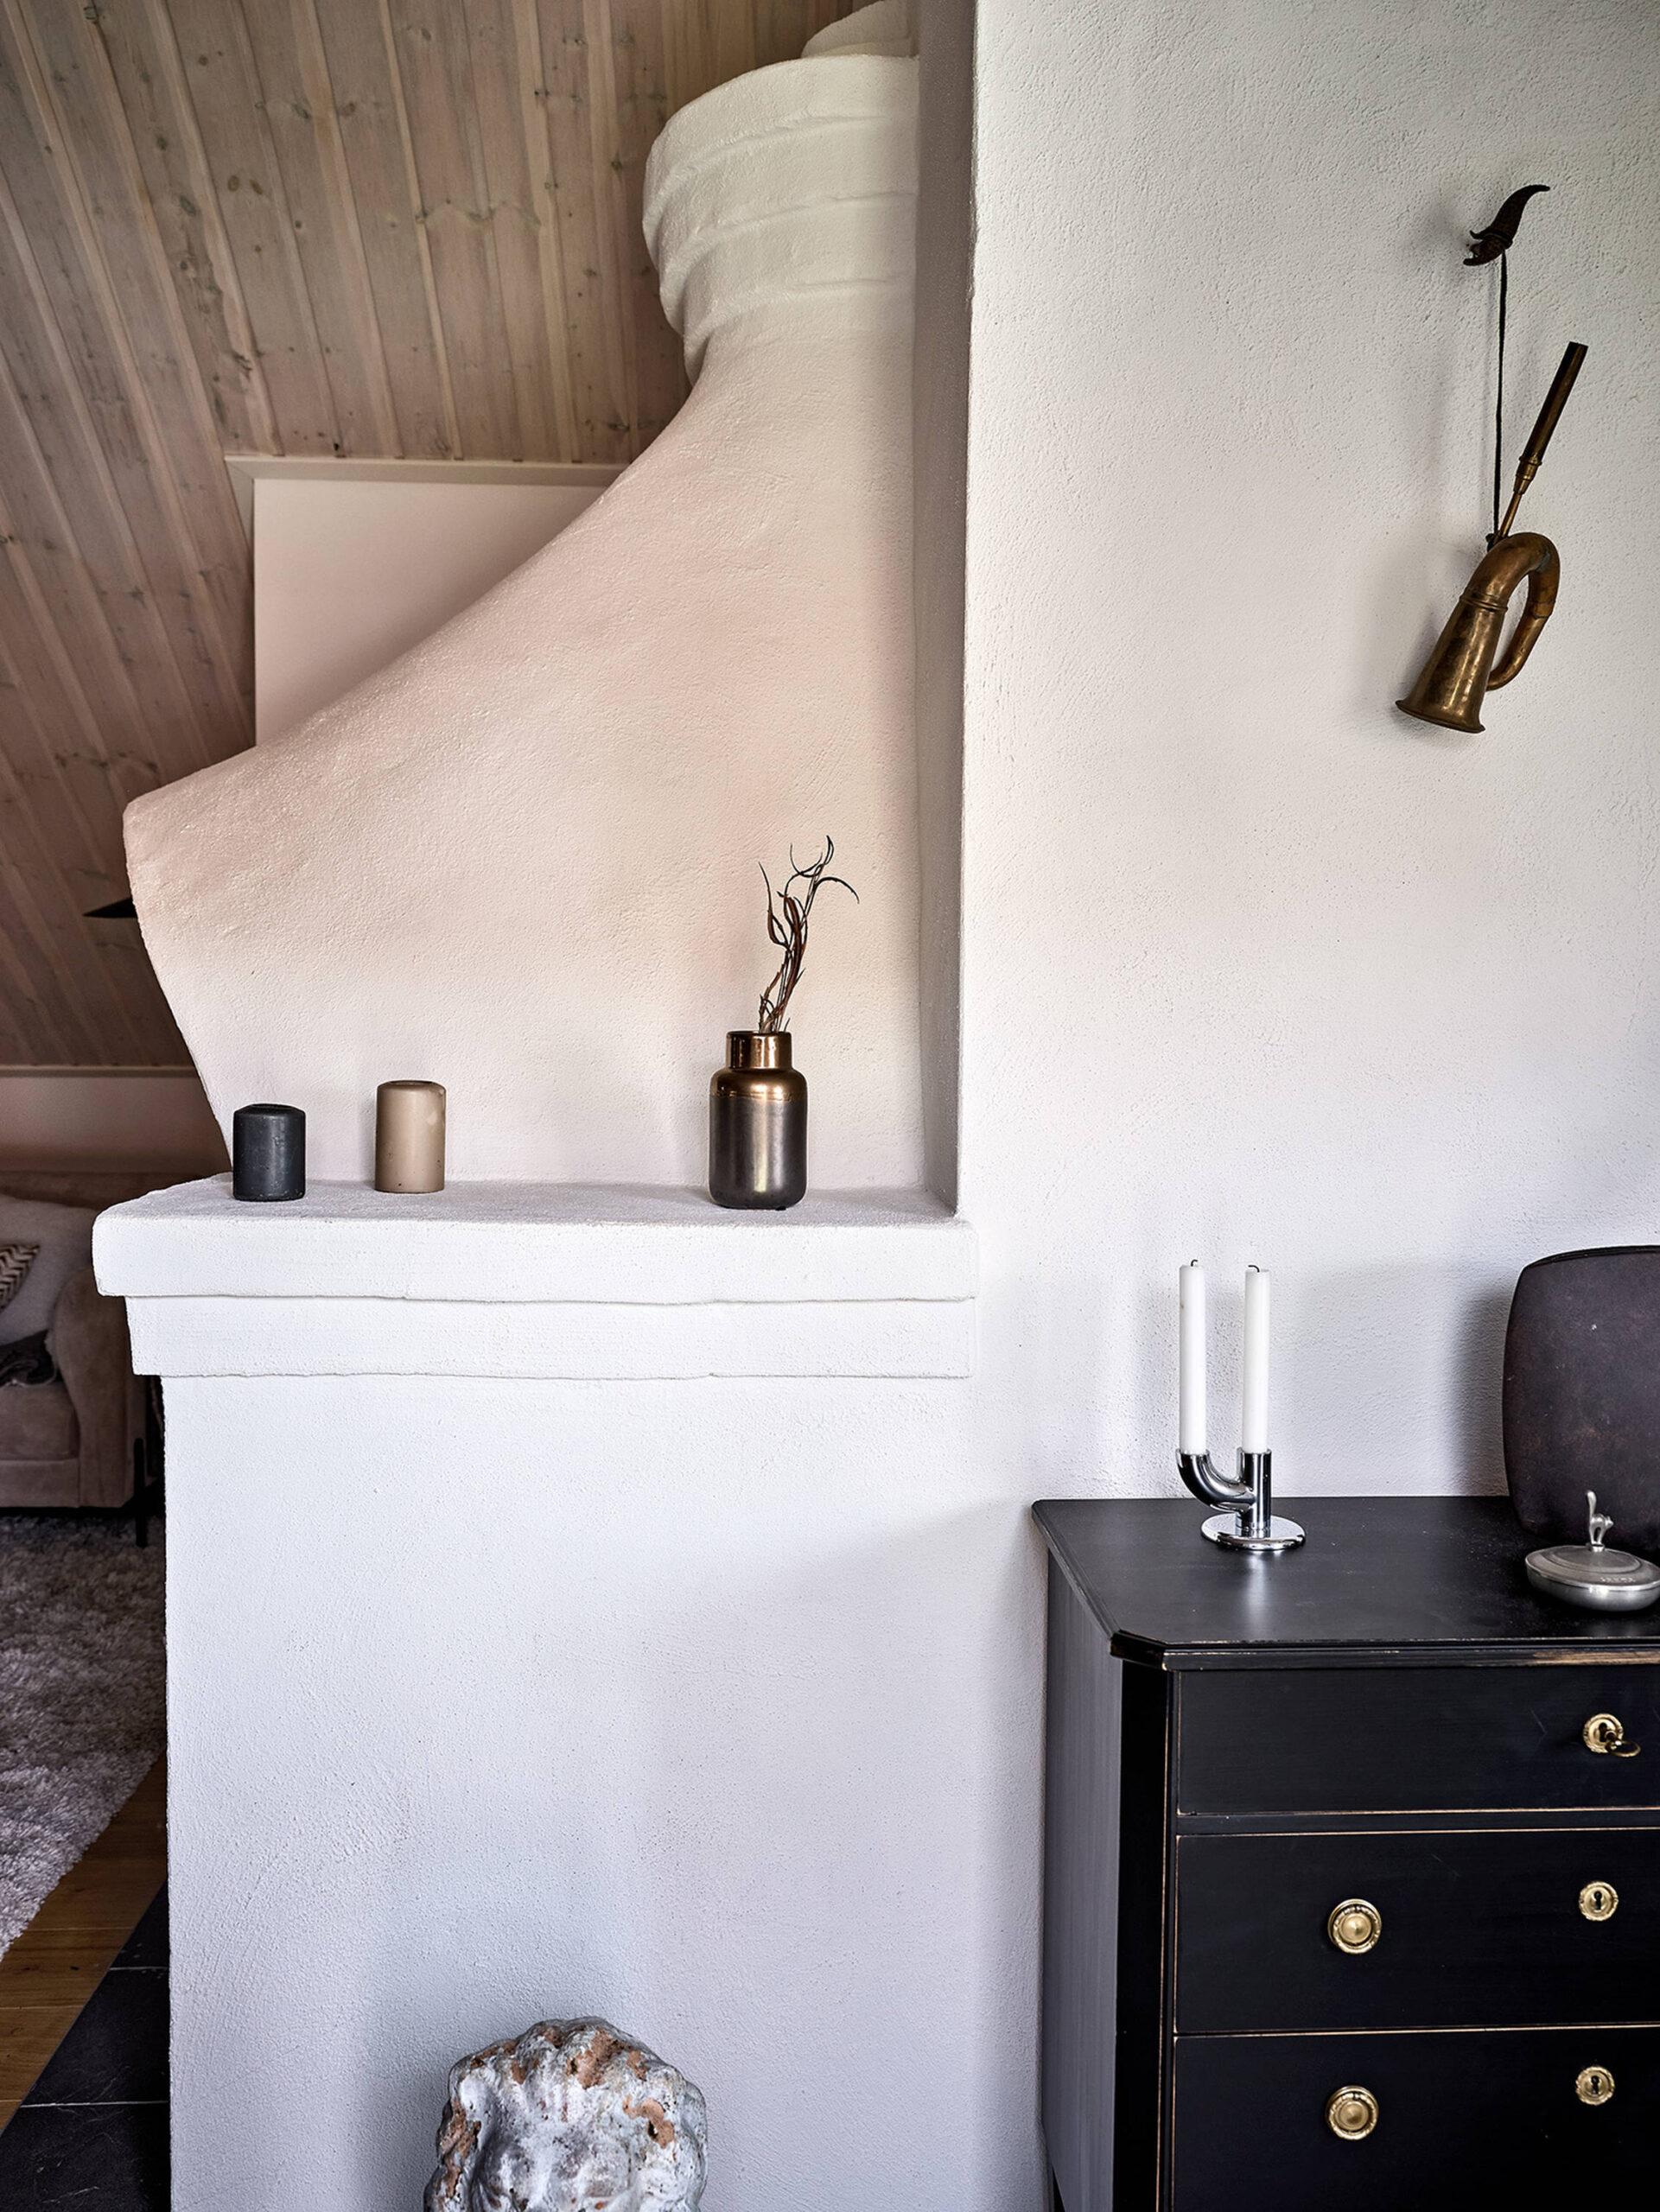 Tavan înclinat și decor rusti scandinav într o casă din Suedia 4